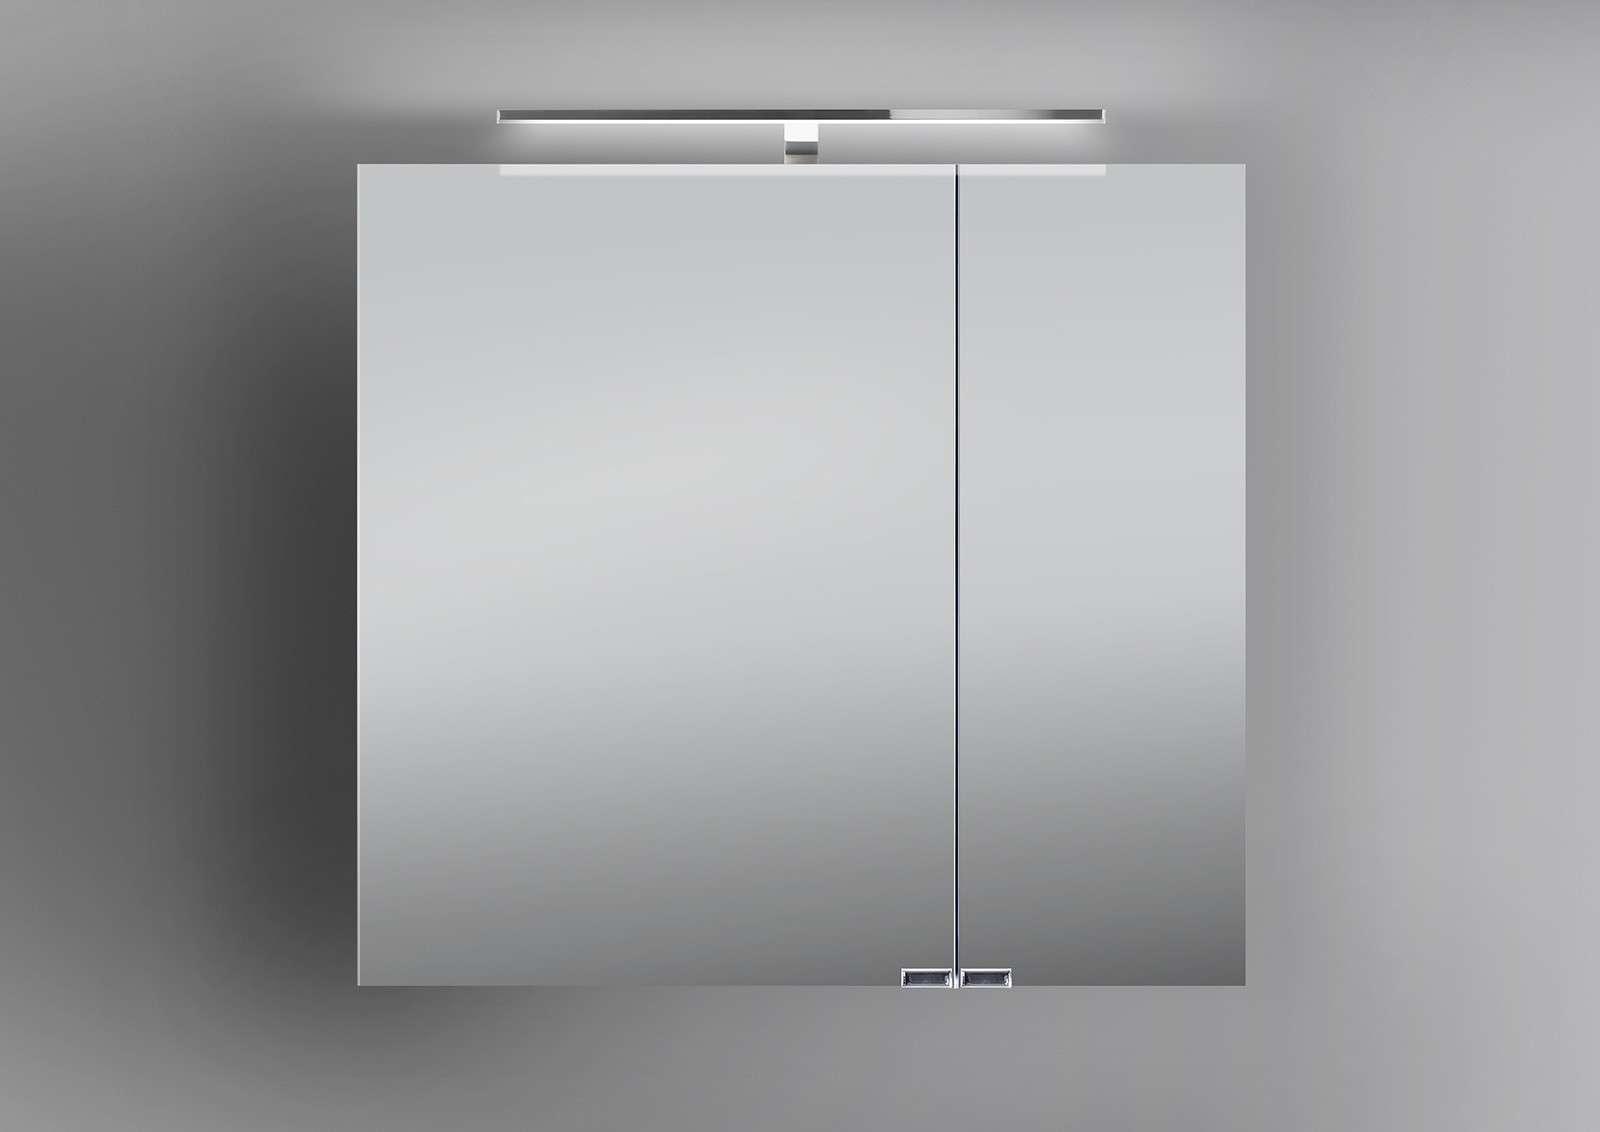 spiegelschrank badezimmer 70 cm. Black Bedroom Furniture Sets. Home Design Ideas